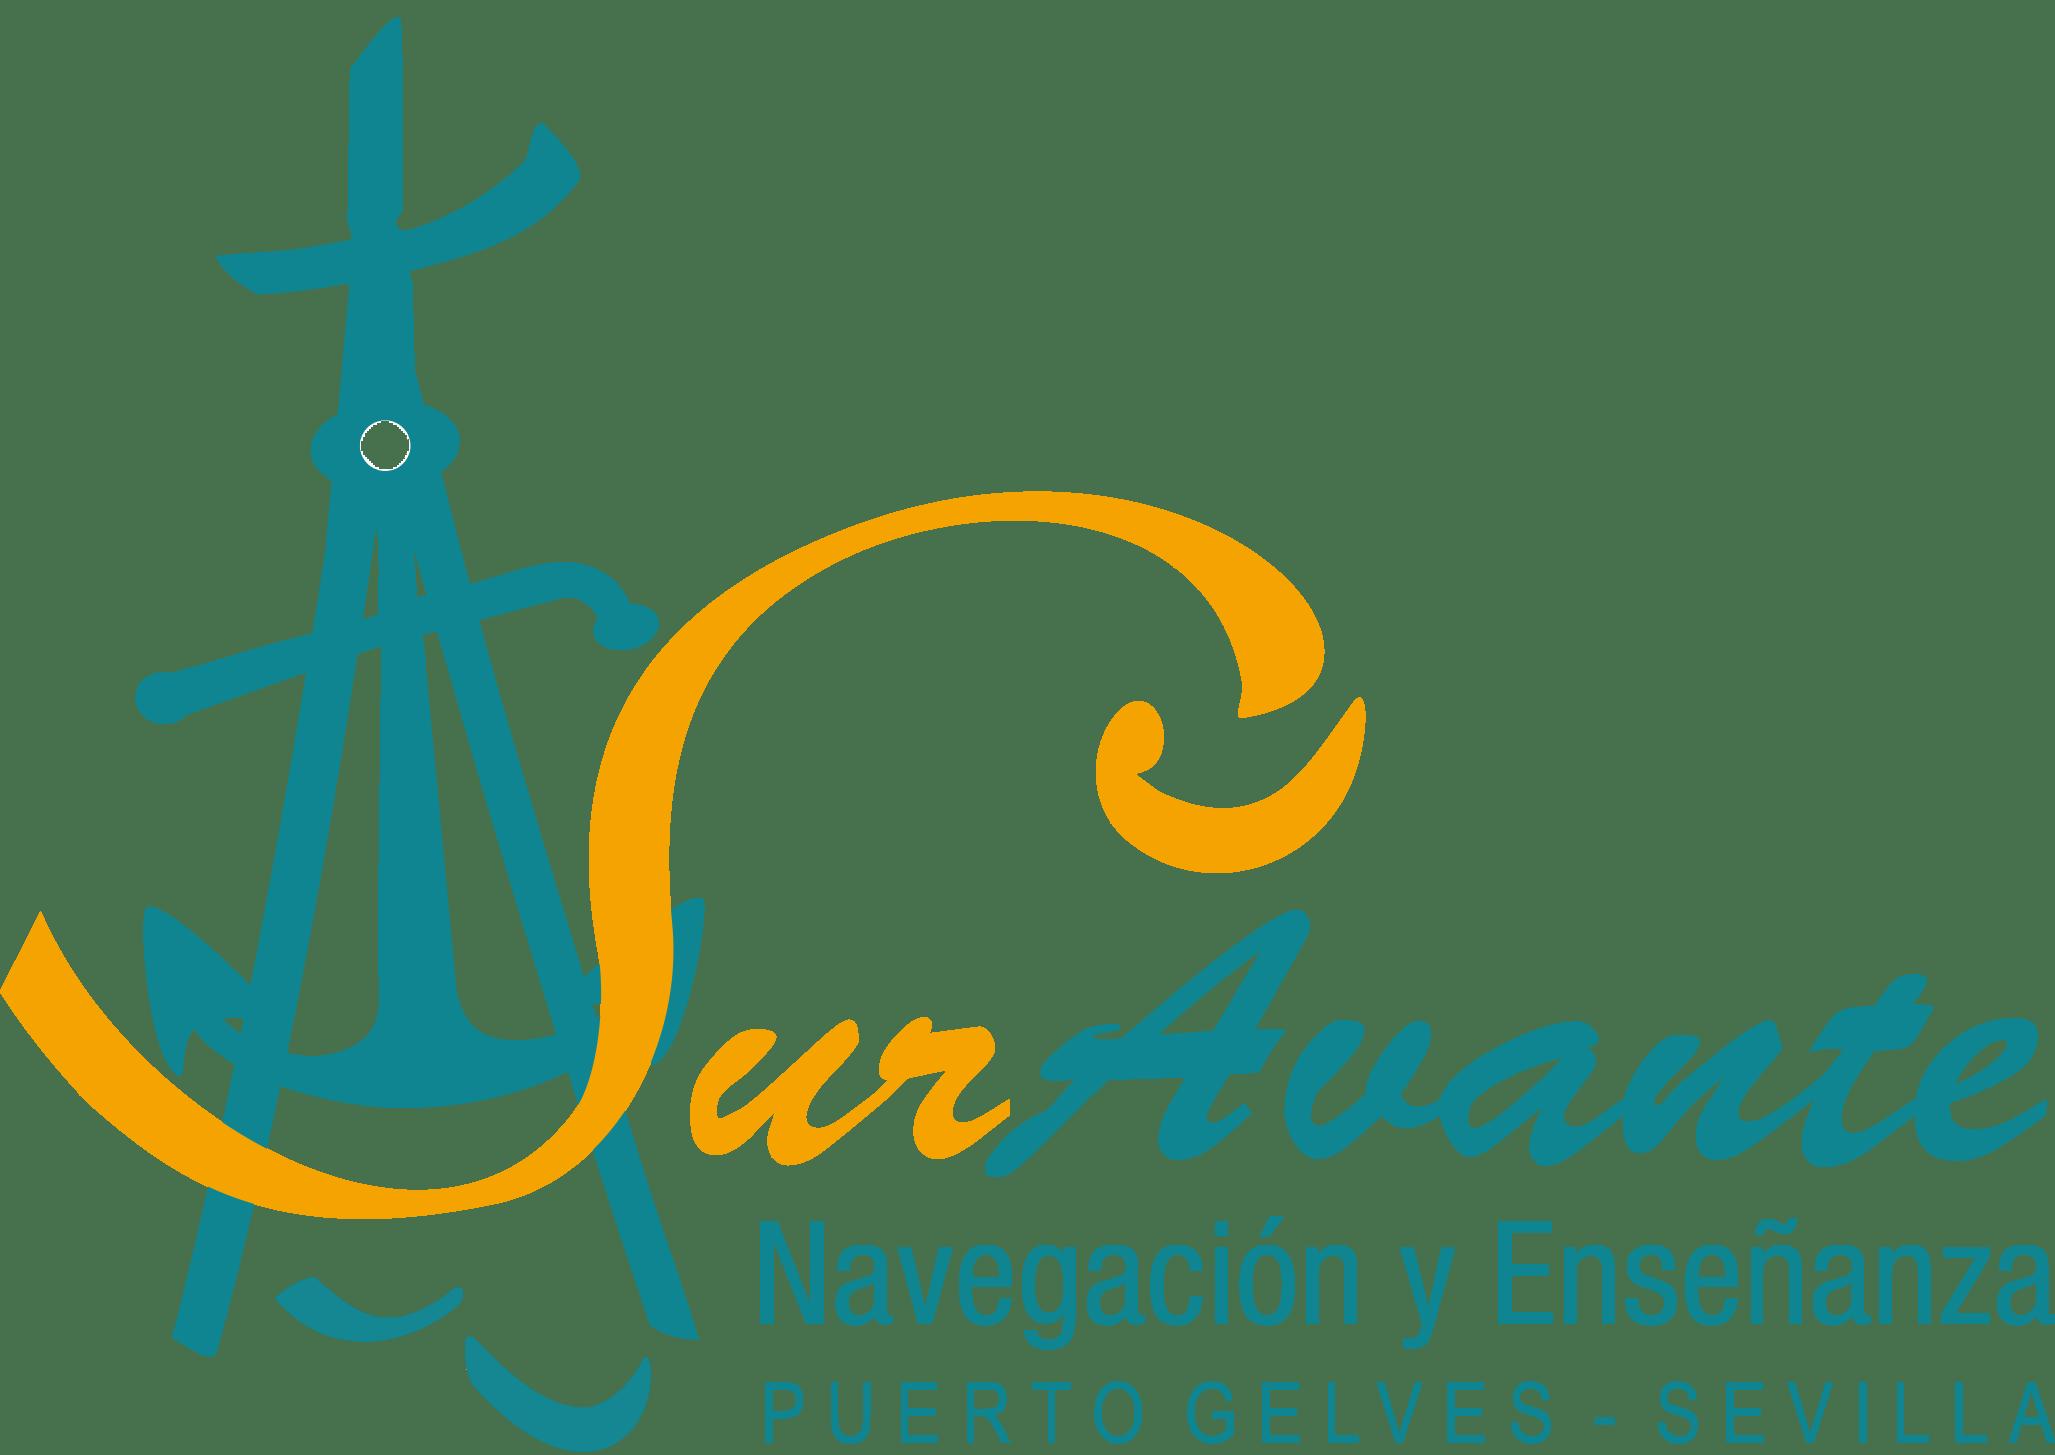 Escuela de Navegación | SurAvante – Navegación y Enseñanza